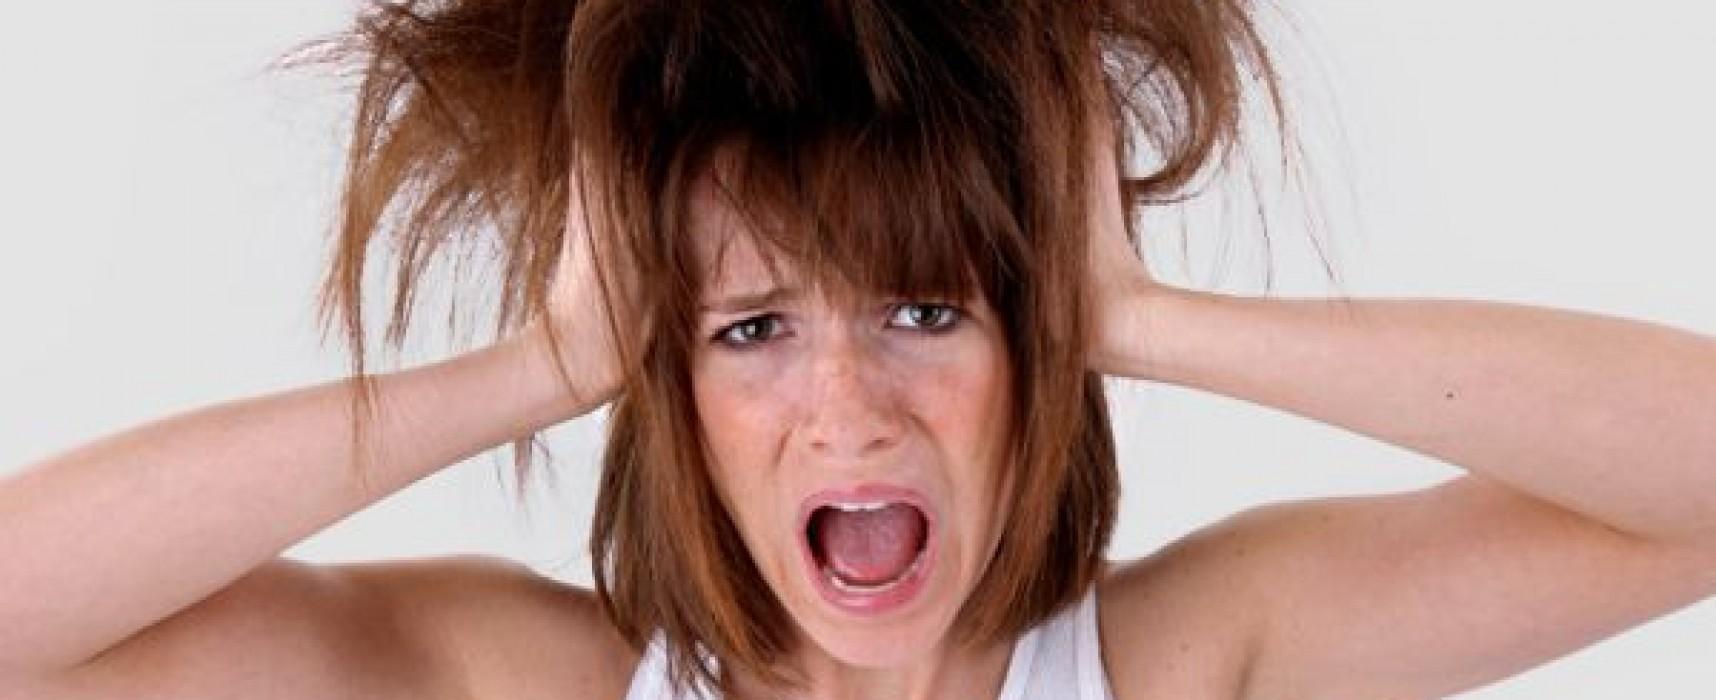 Может ли мерказолил вызвать усиленное выпадение волос